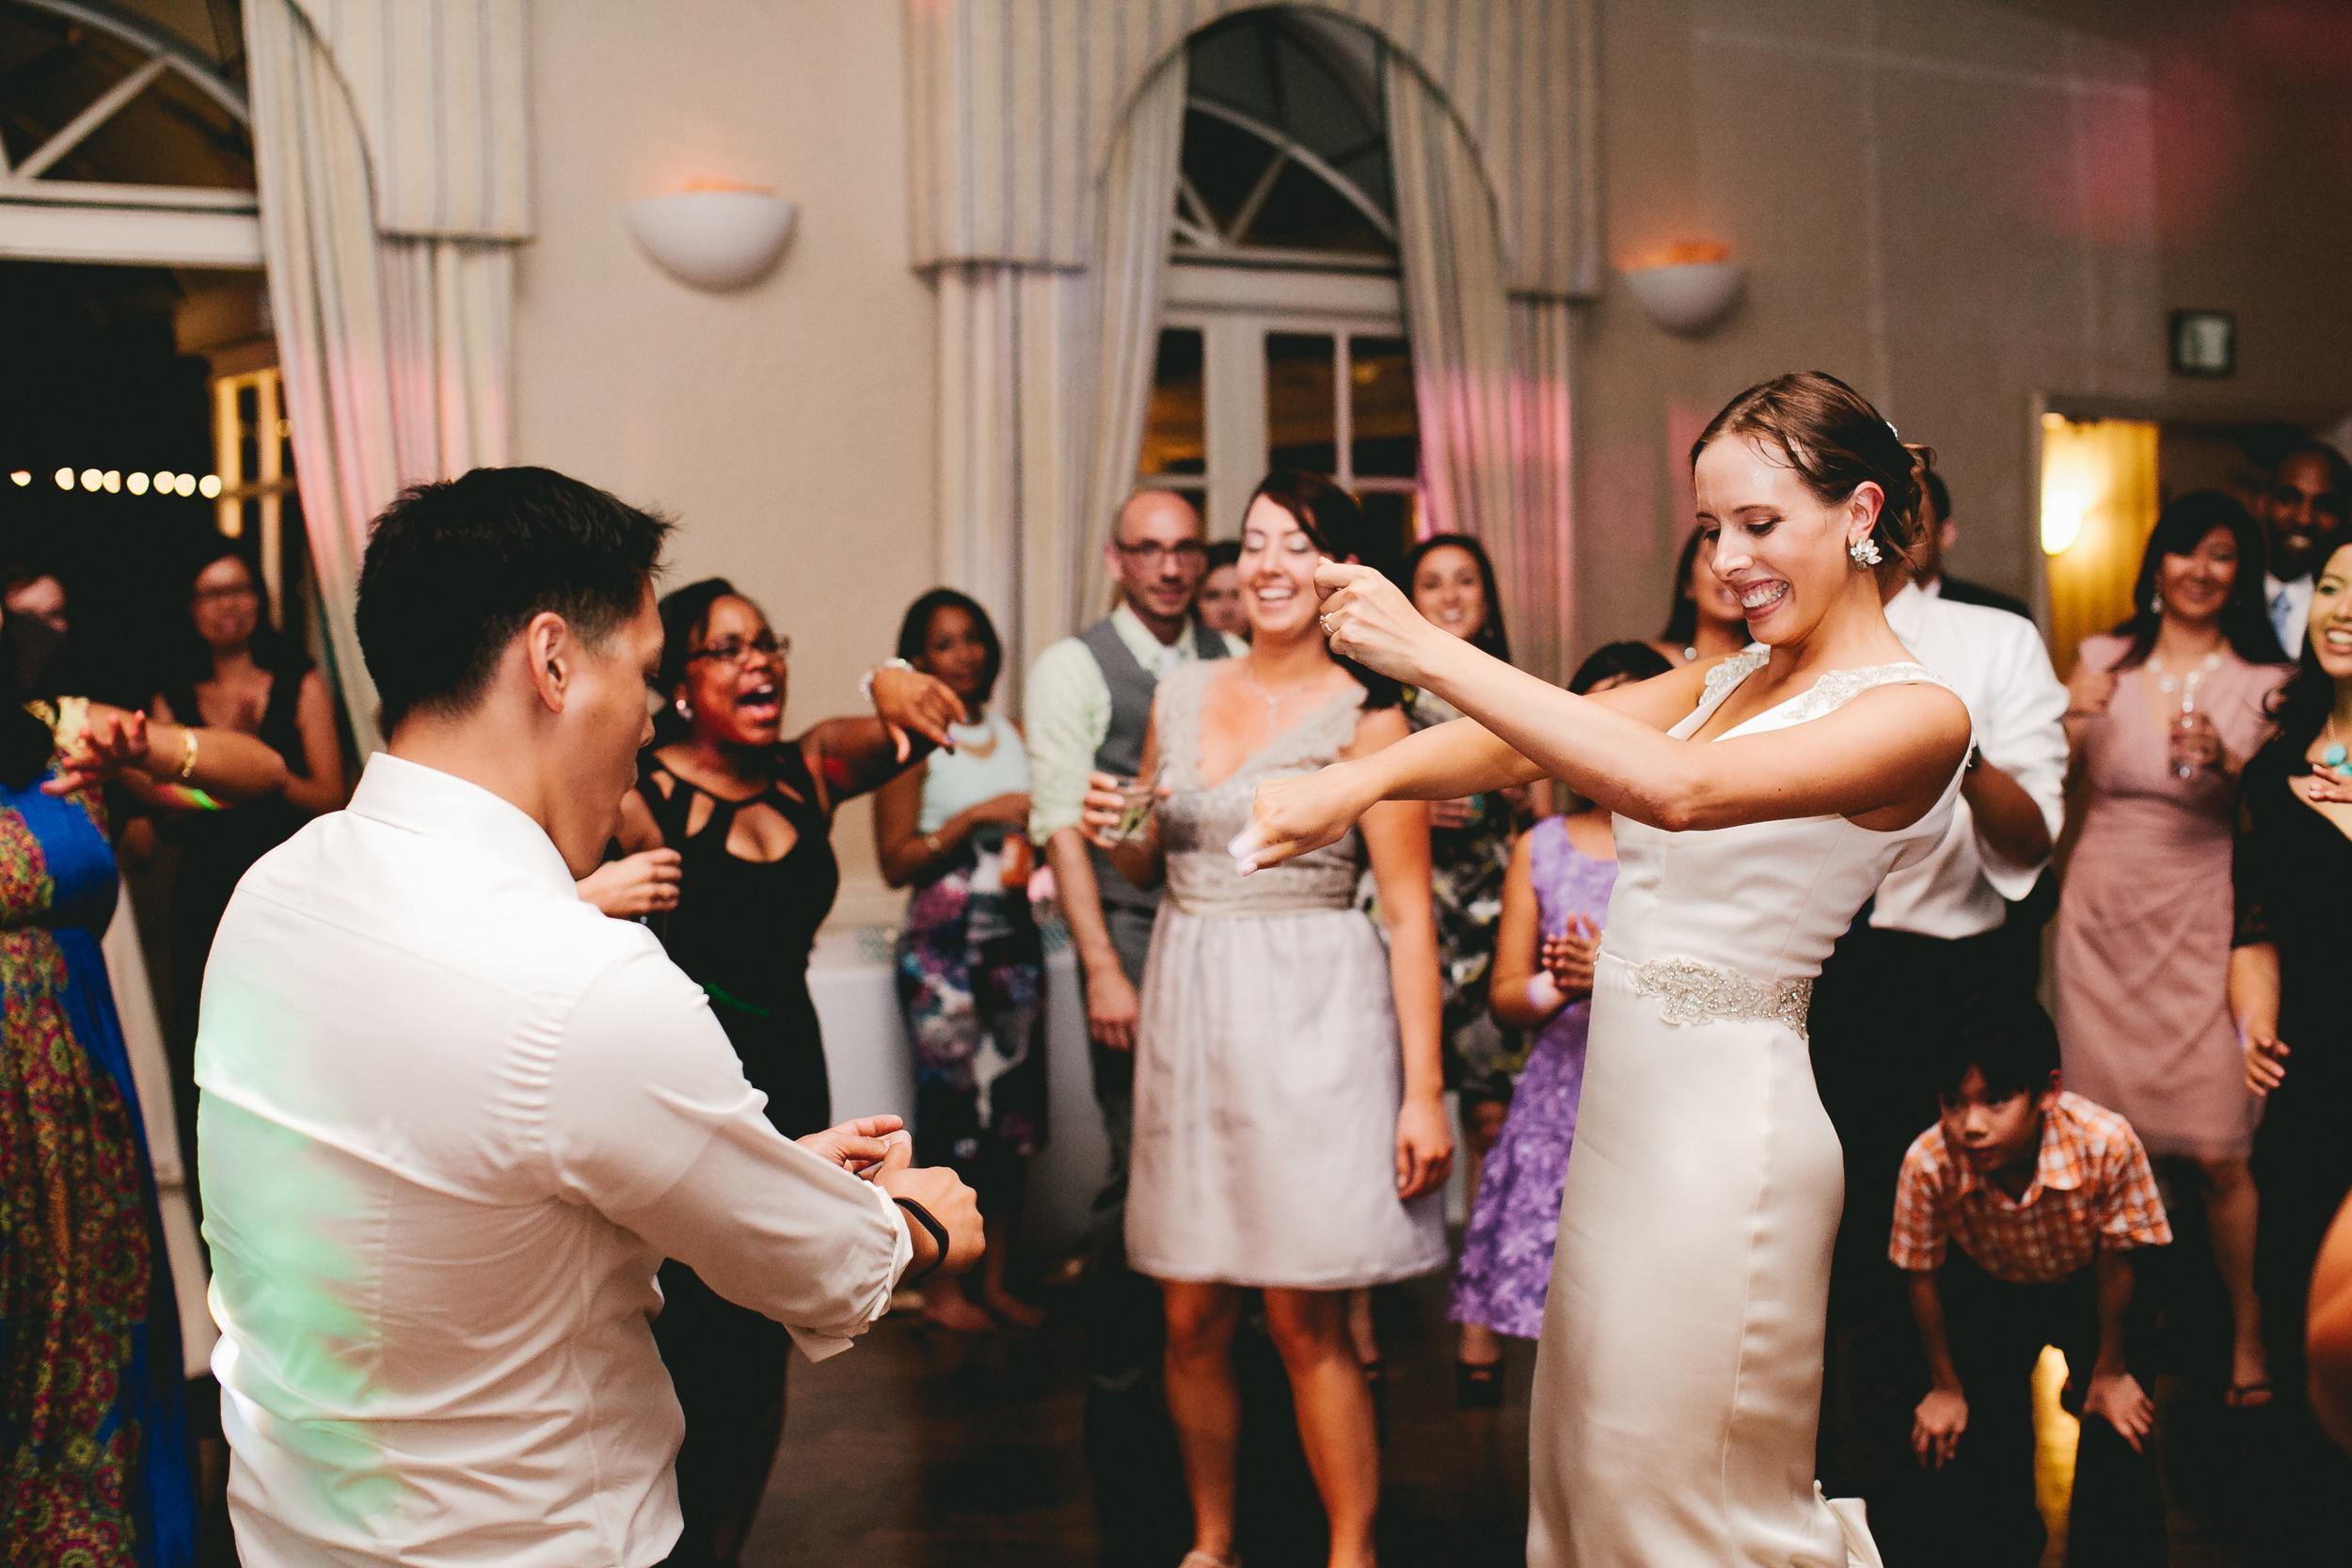 kellykris-091914-dancing-267.jpg